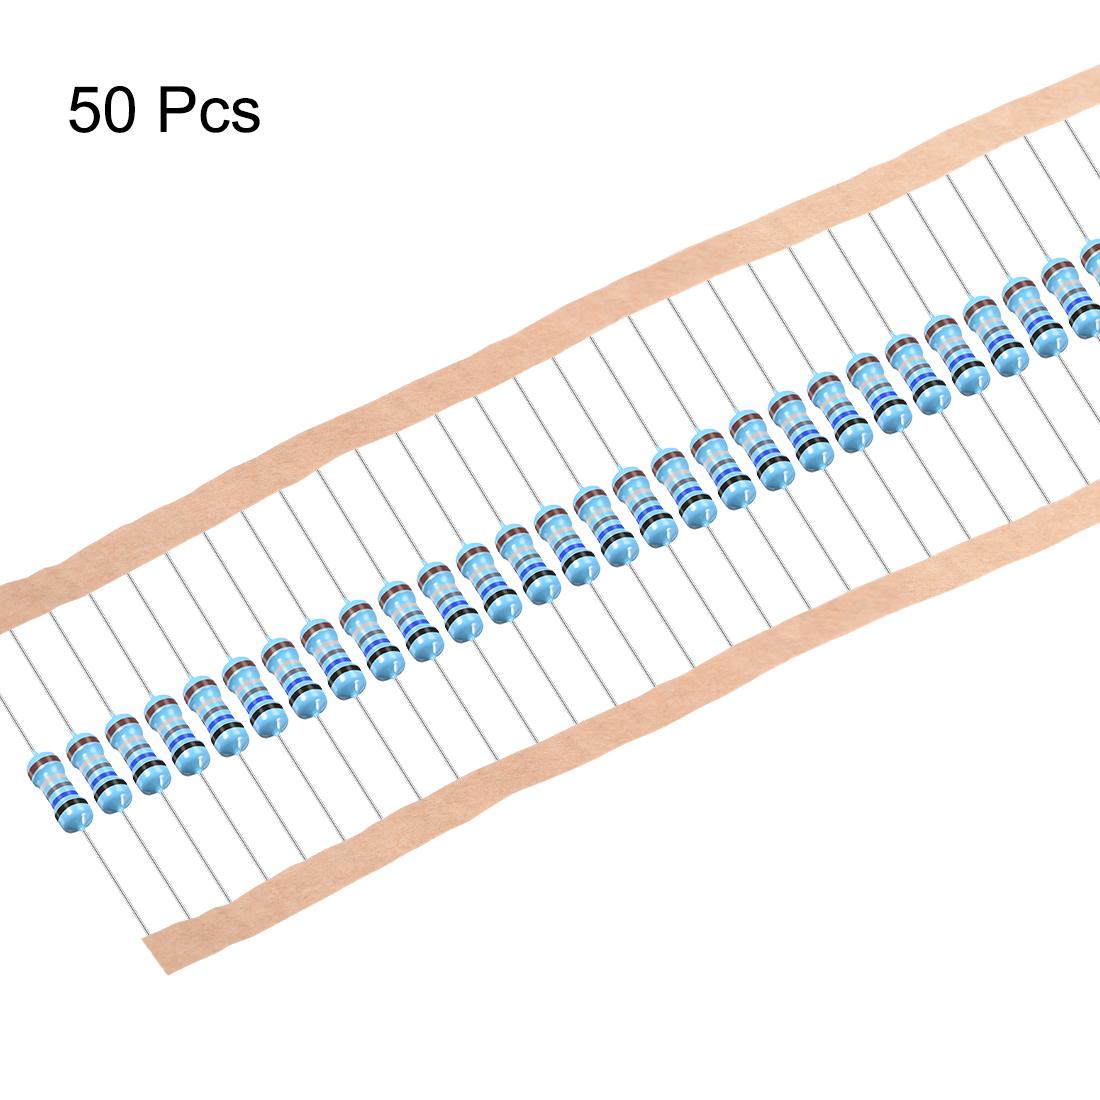 1/2W 0.68 Ohm Metal Film Resistors 0.5W 1% Tolerances 5 Color Bands 50 Pcs - image 2 of 4